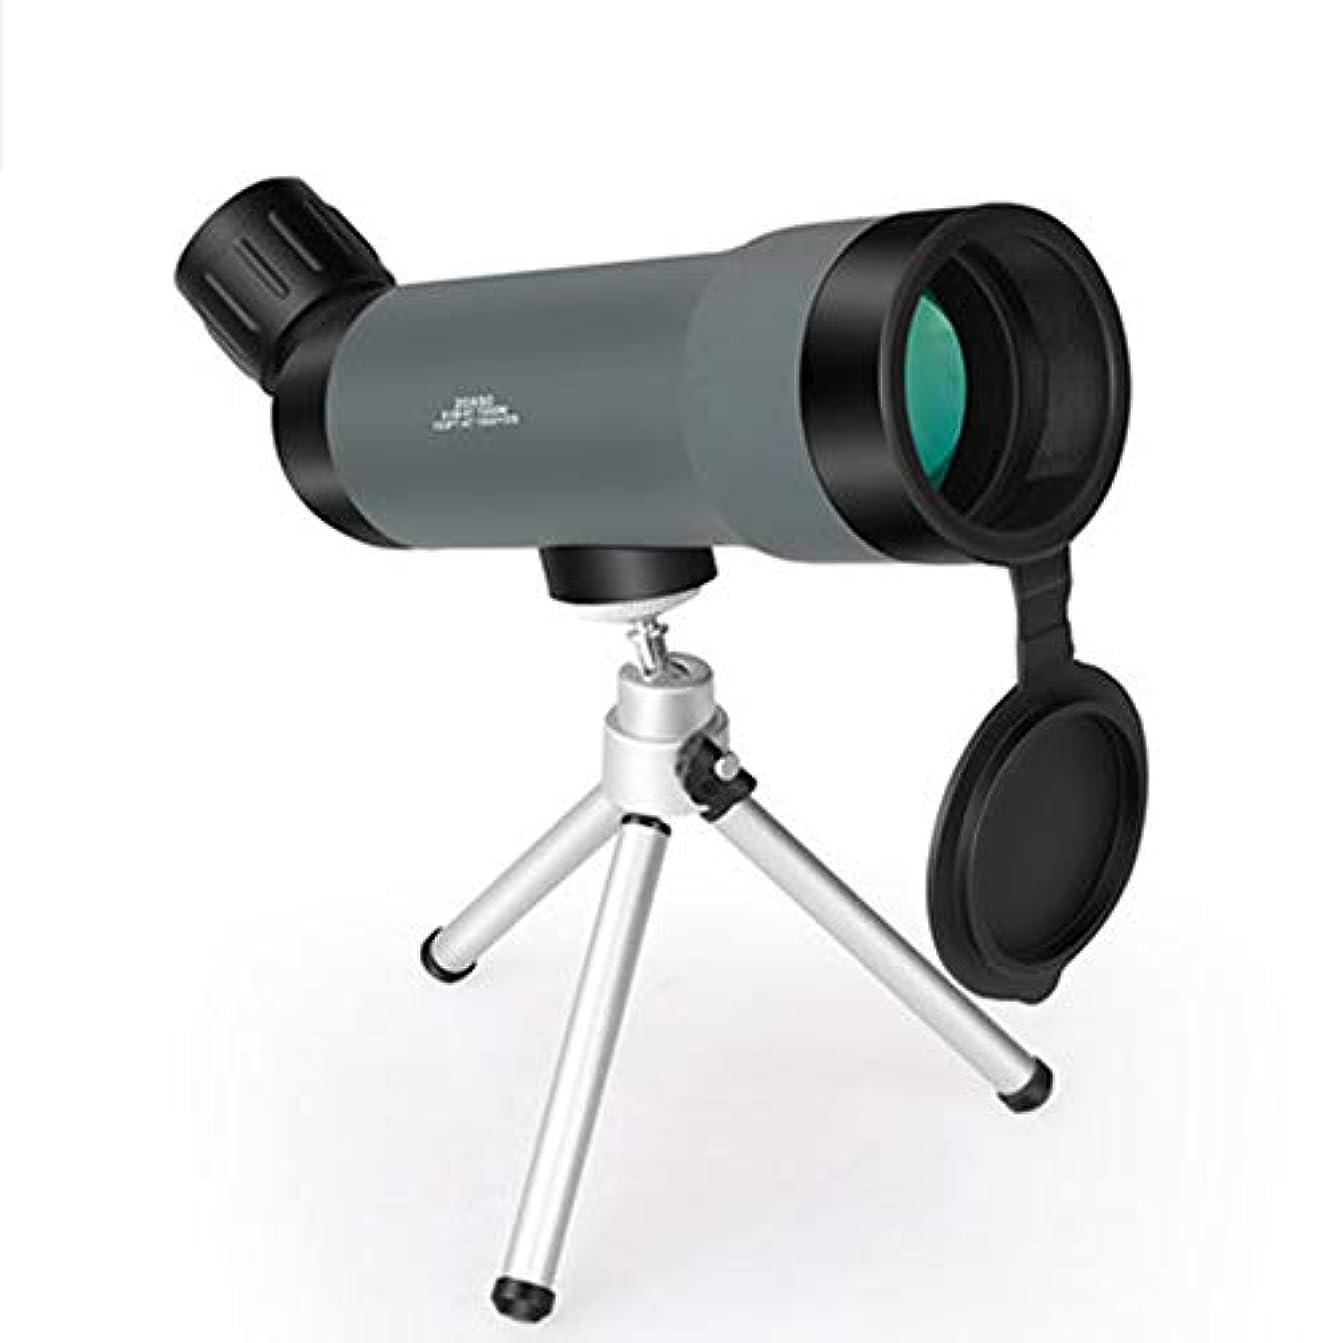 パス安全な反論単眼、三脚付き20×50大口径高精細ナイトビジョン低照度非赤外観鳥ミラー望遠鏡